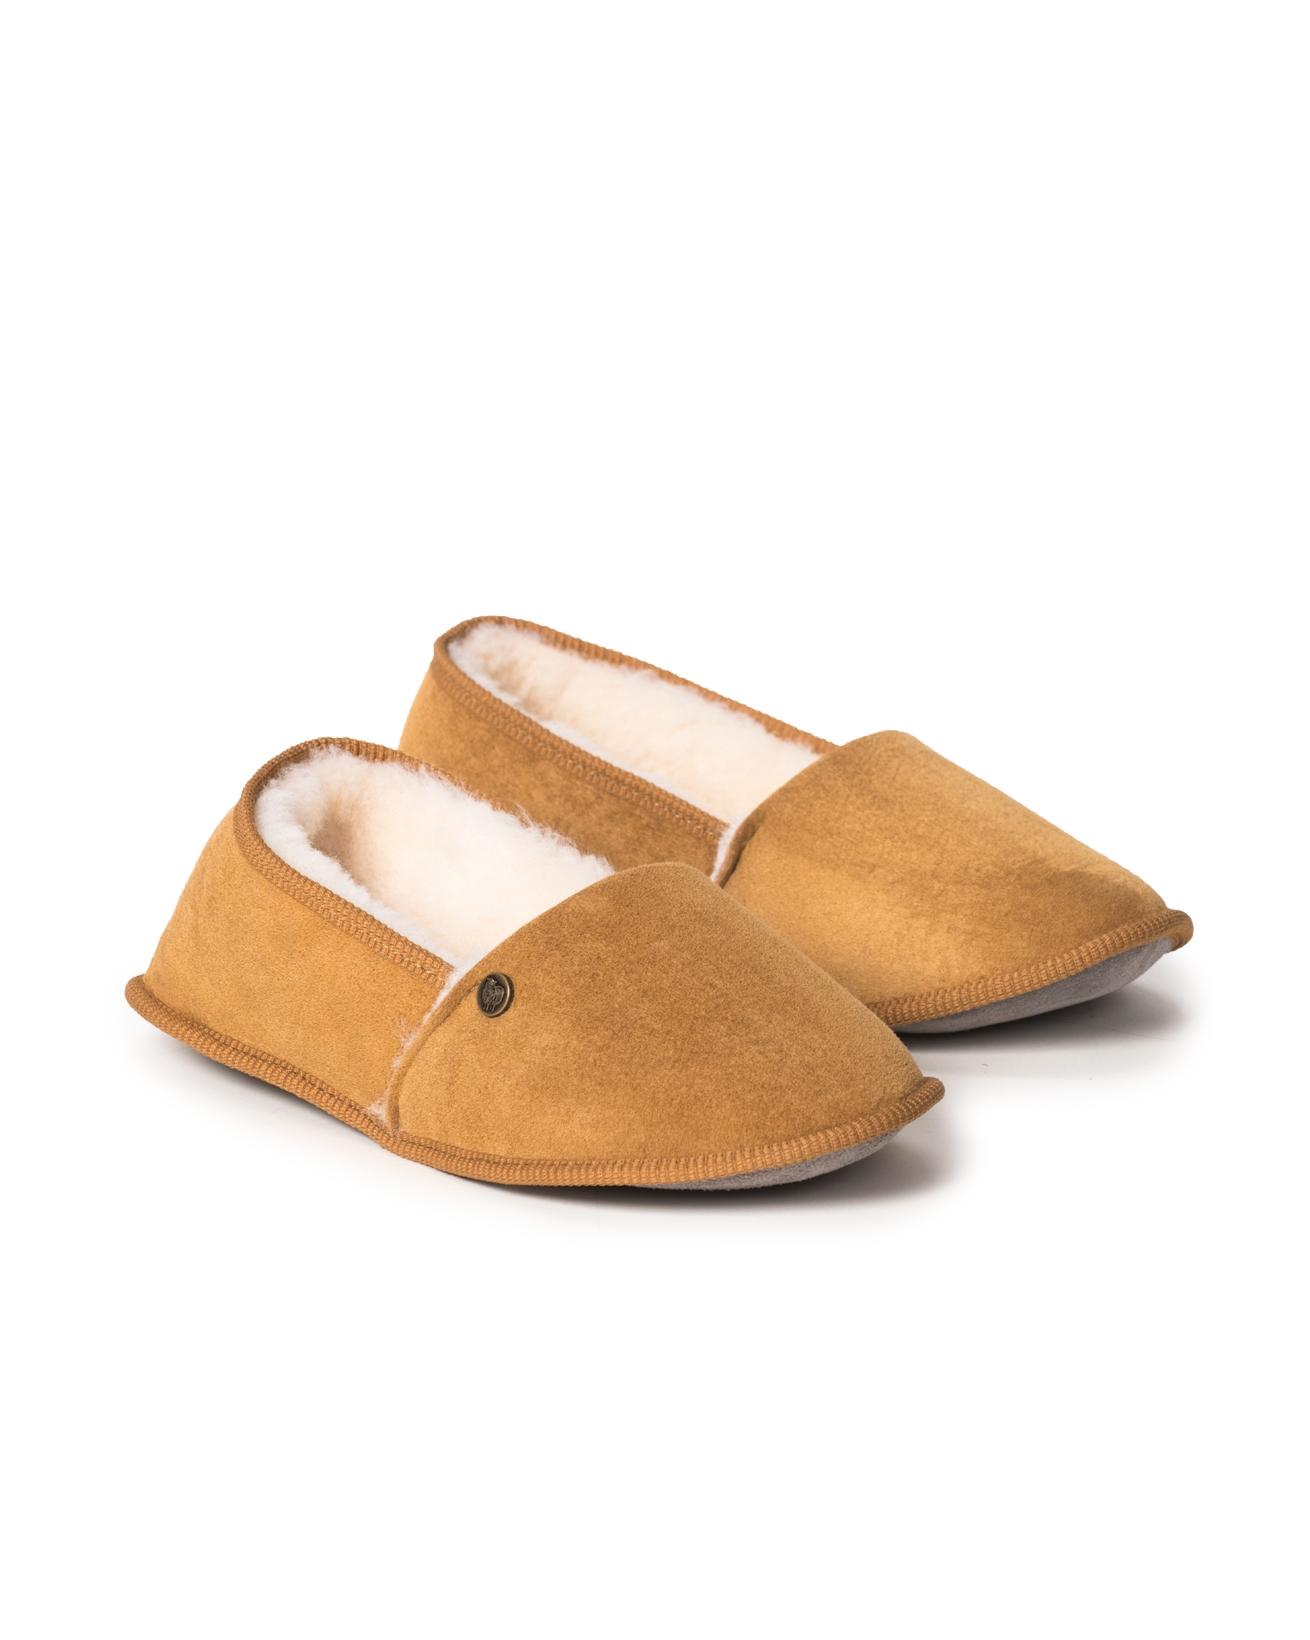 Sheepskin Venetian Slipper - Size 4 - Spice - 1306